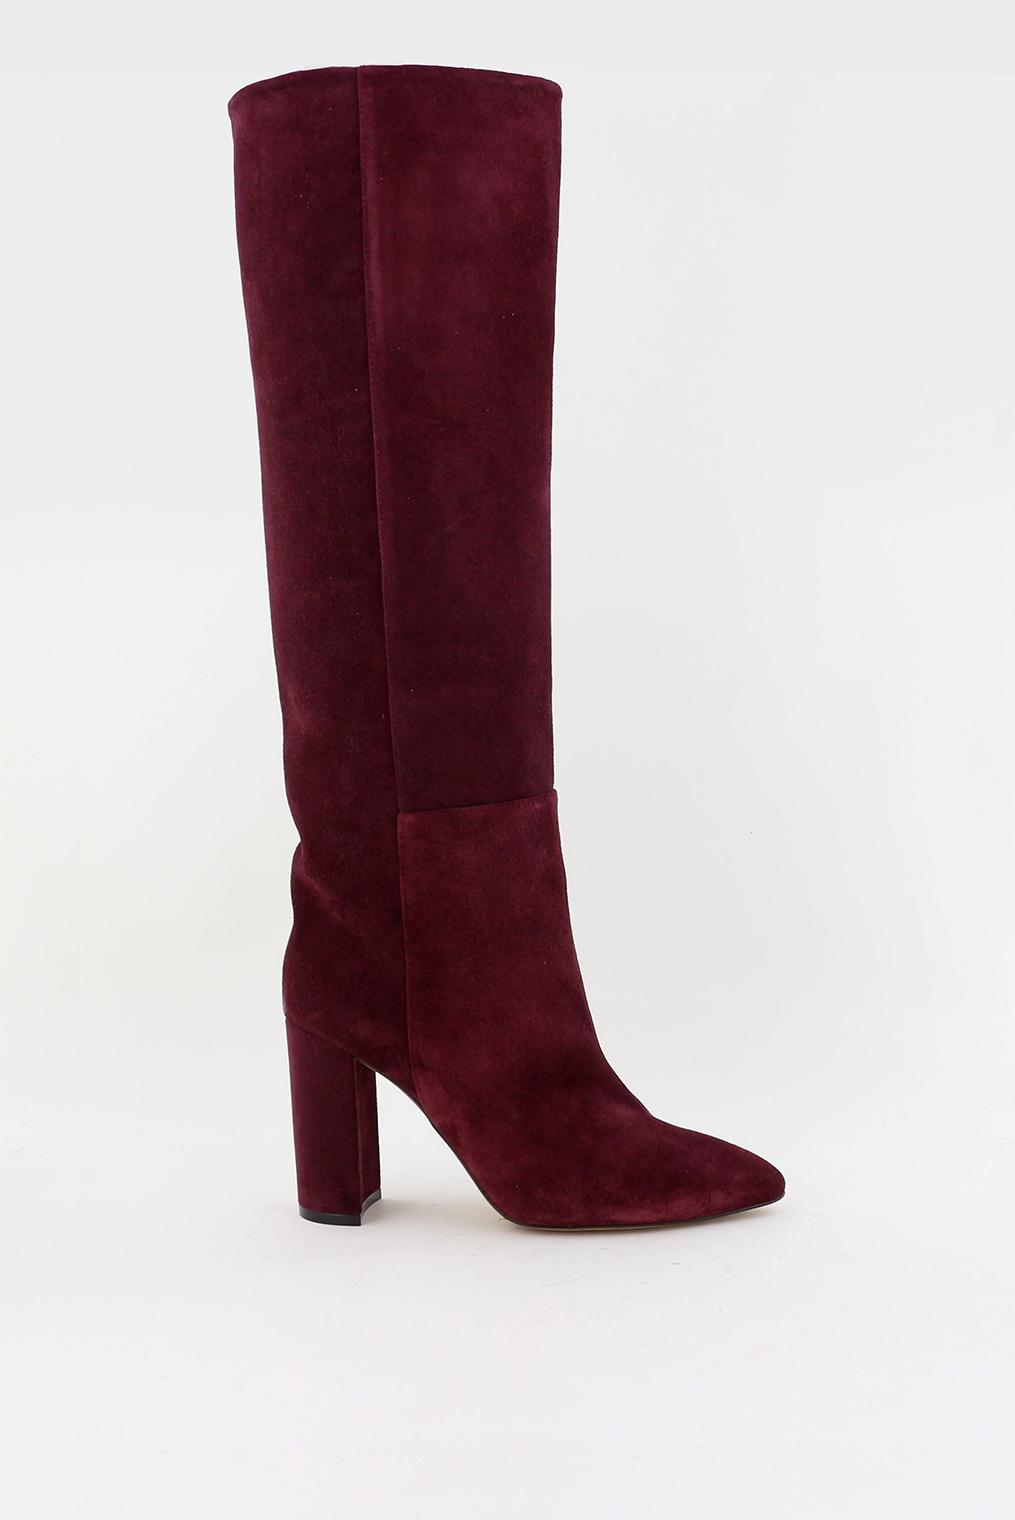 Toral laarzen TL-12591 rood